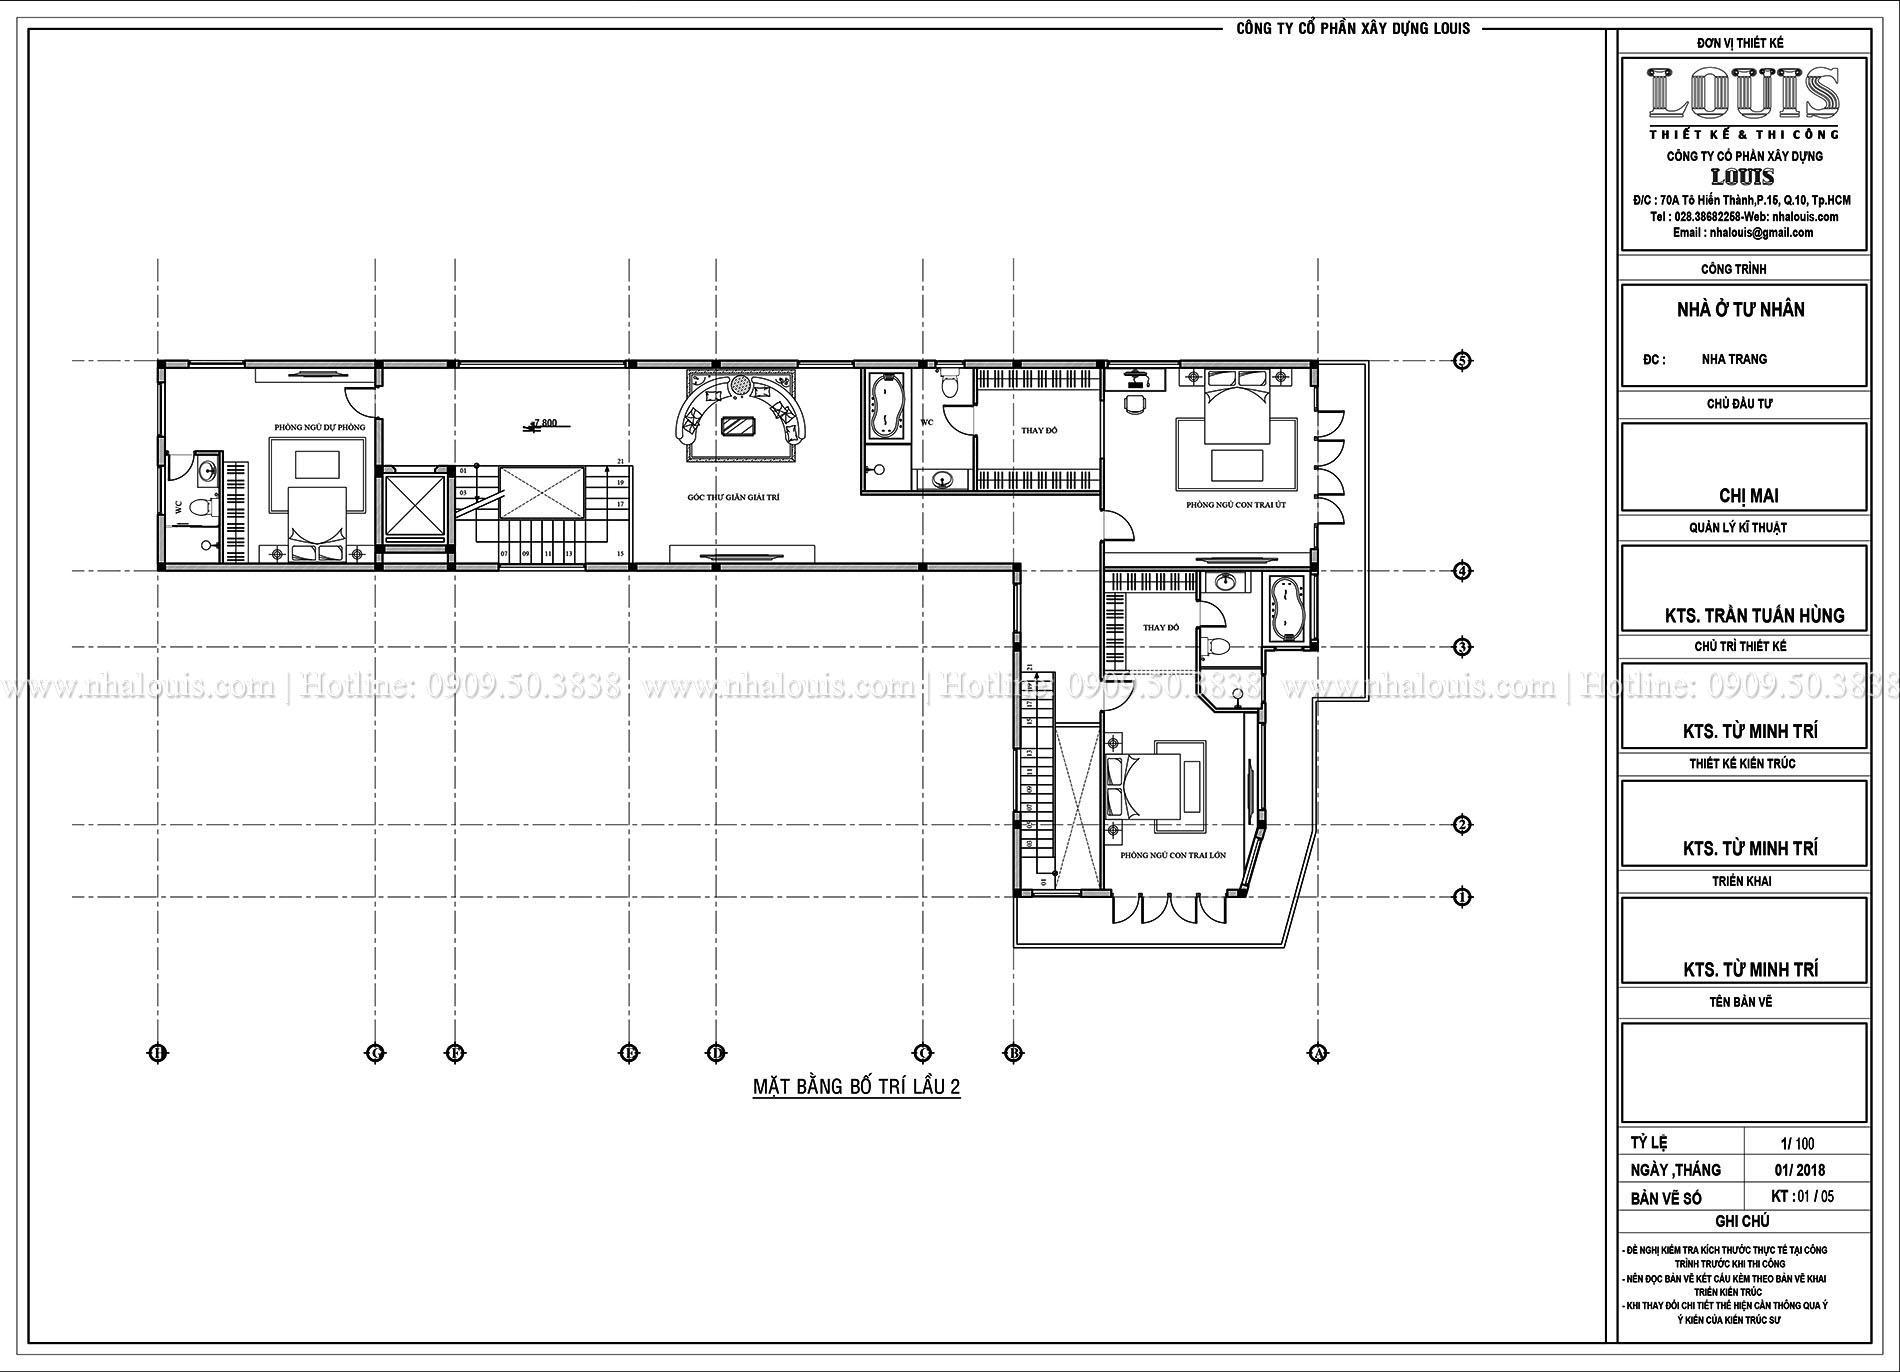 Mặt bằng lầu 2 Thiết kế biệt thự 5 tầng hiện đại đẹp lung linh tại Nha Trang - 010